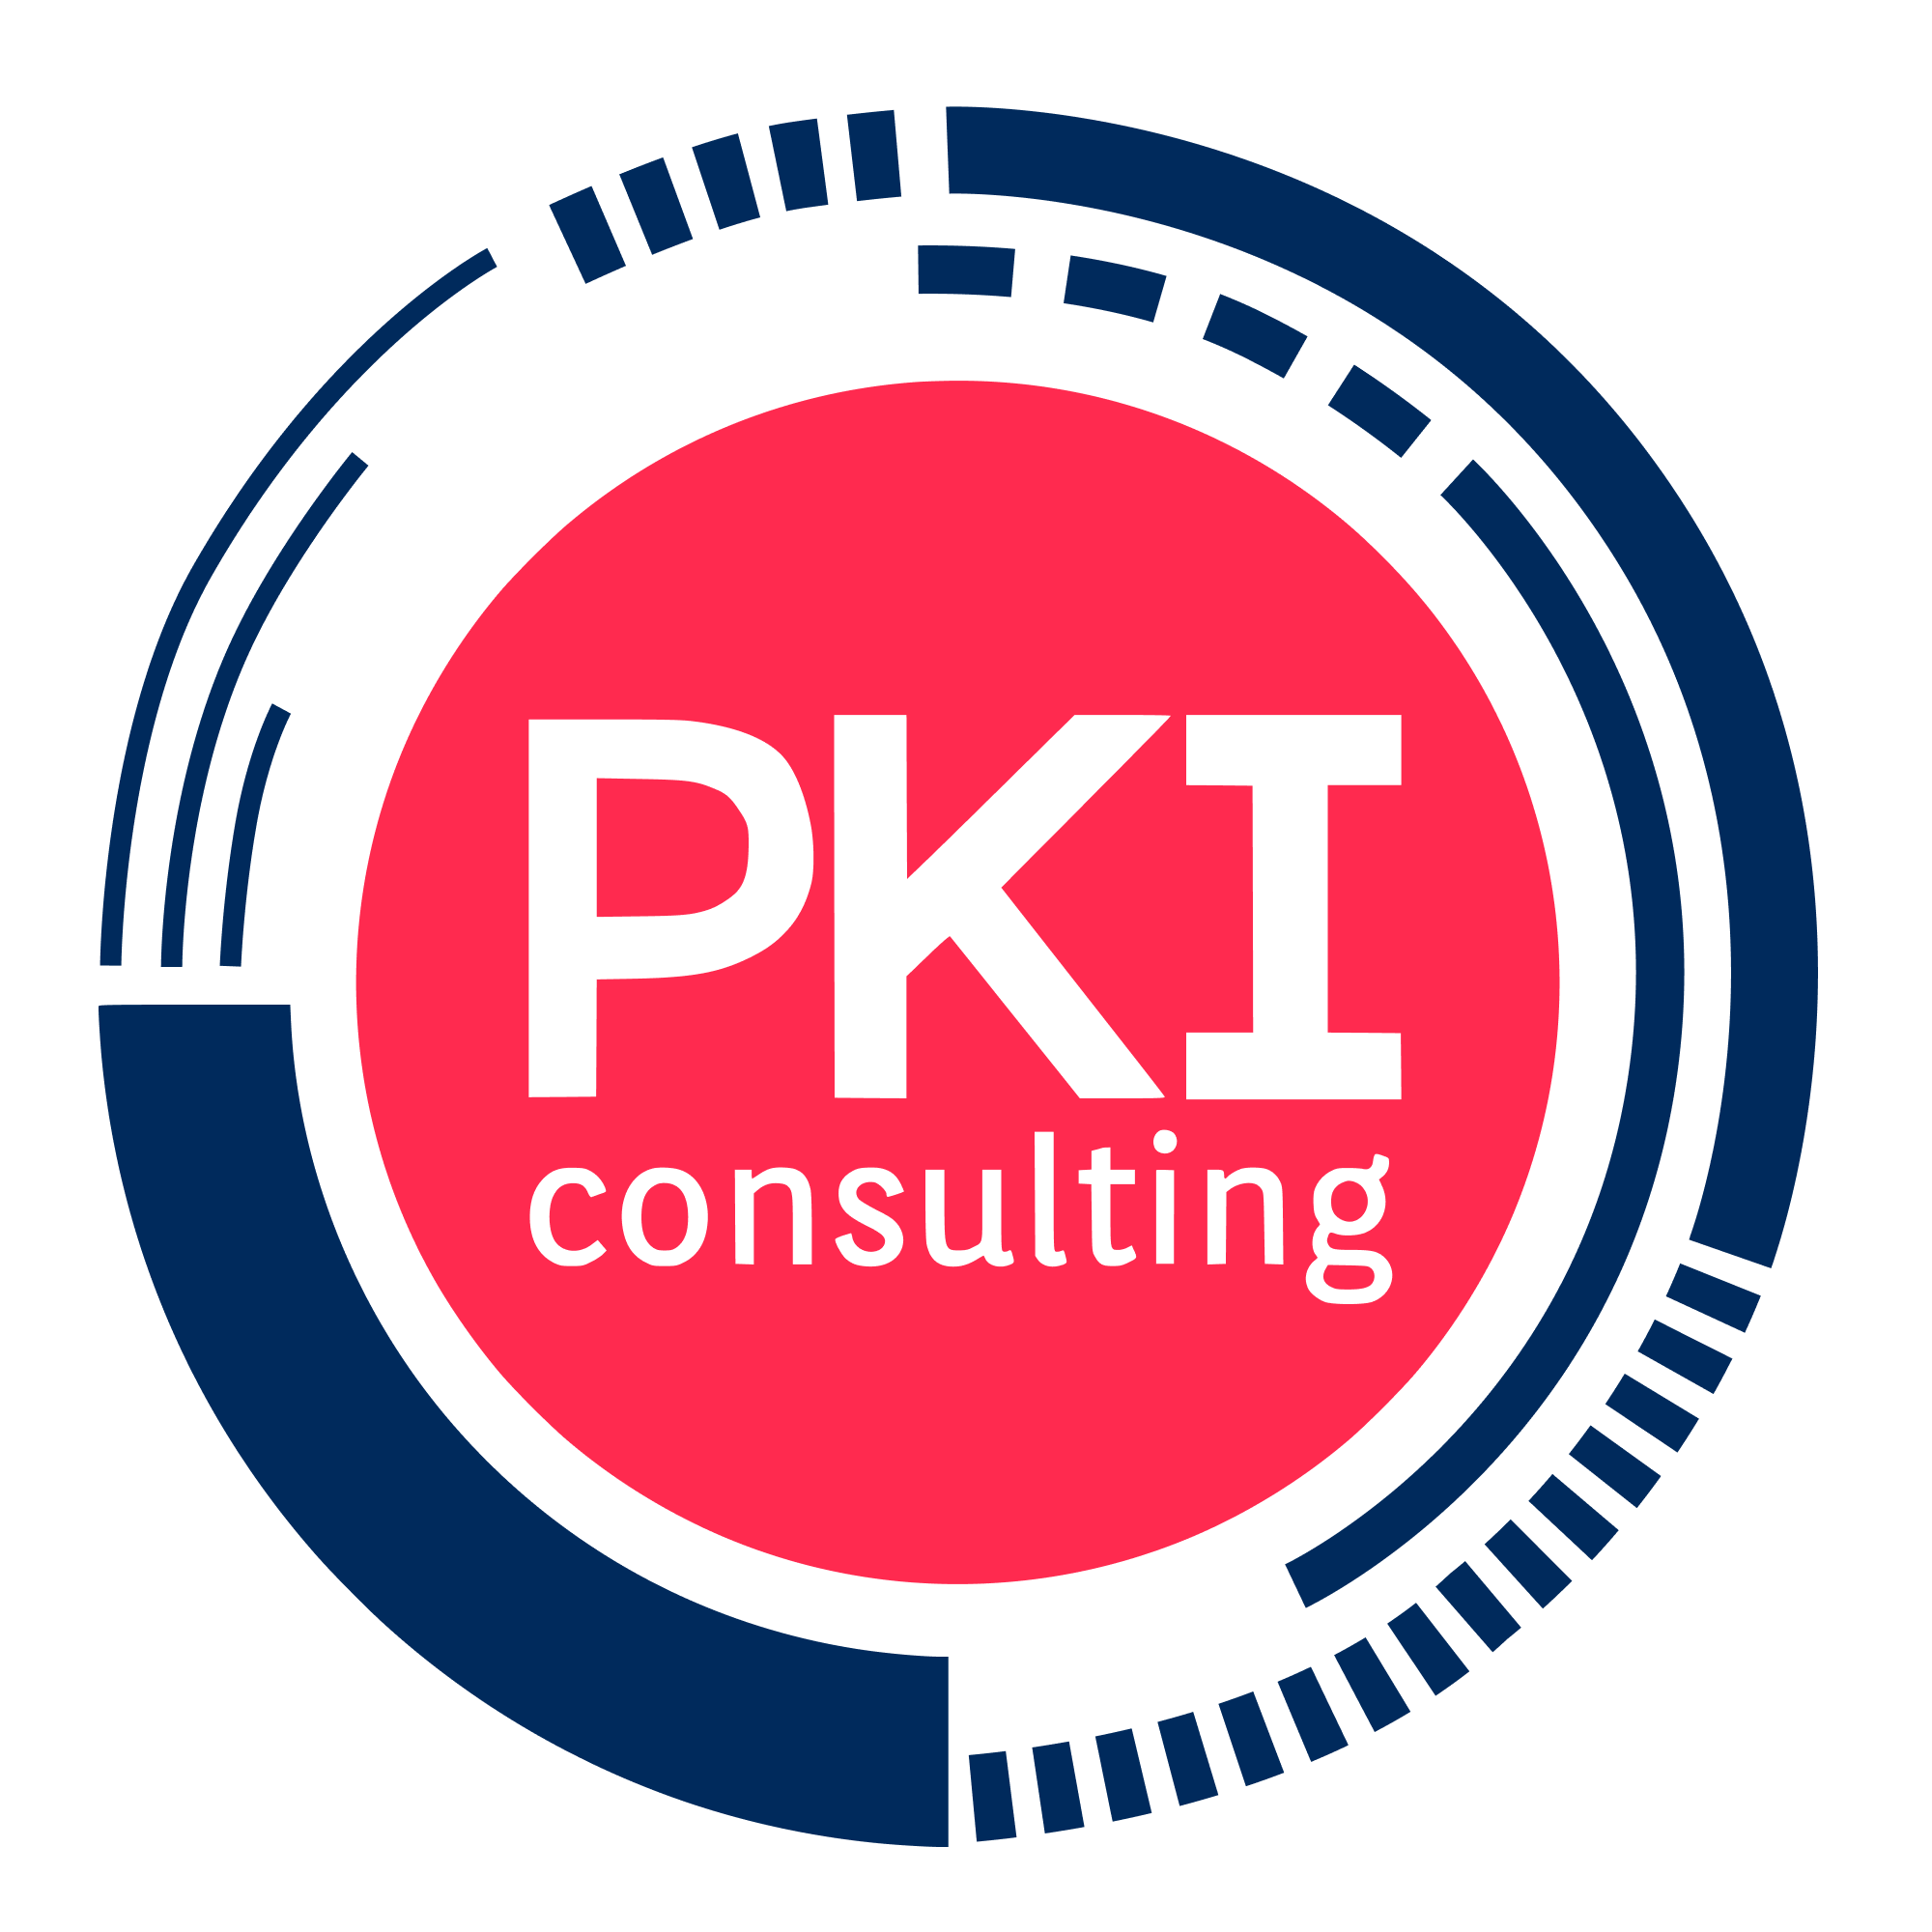 PKI Consulting